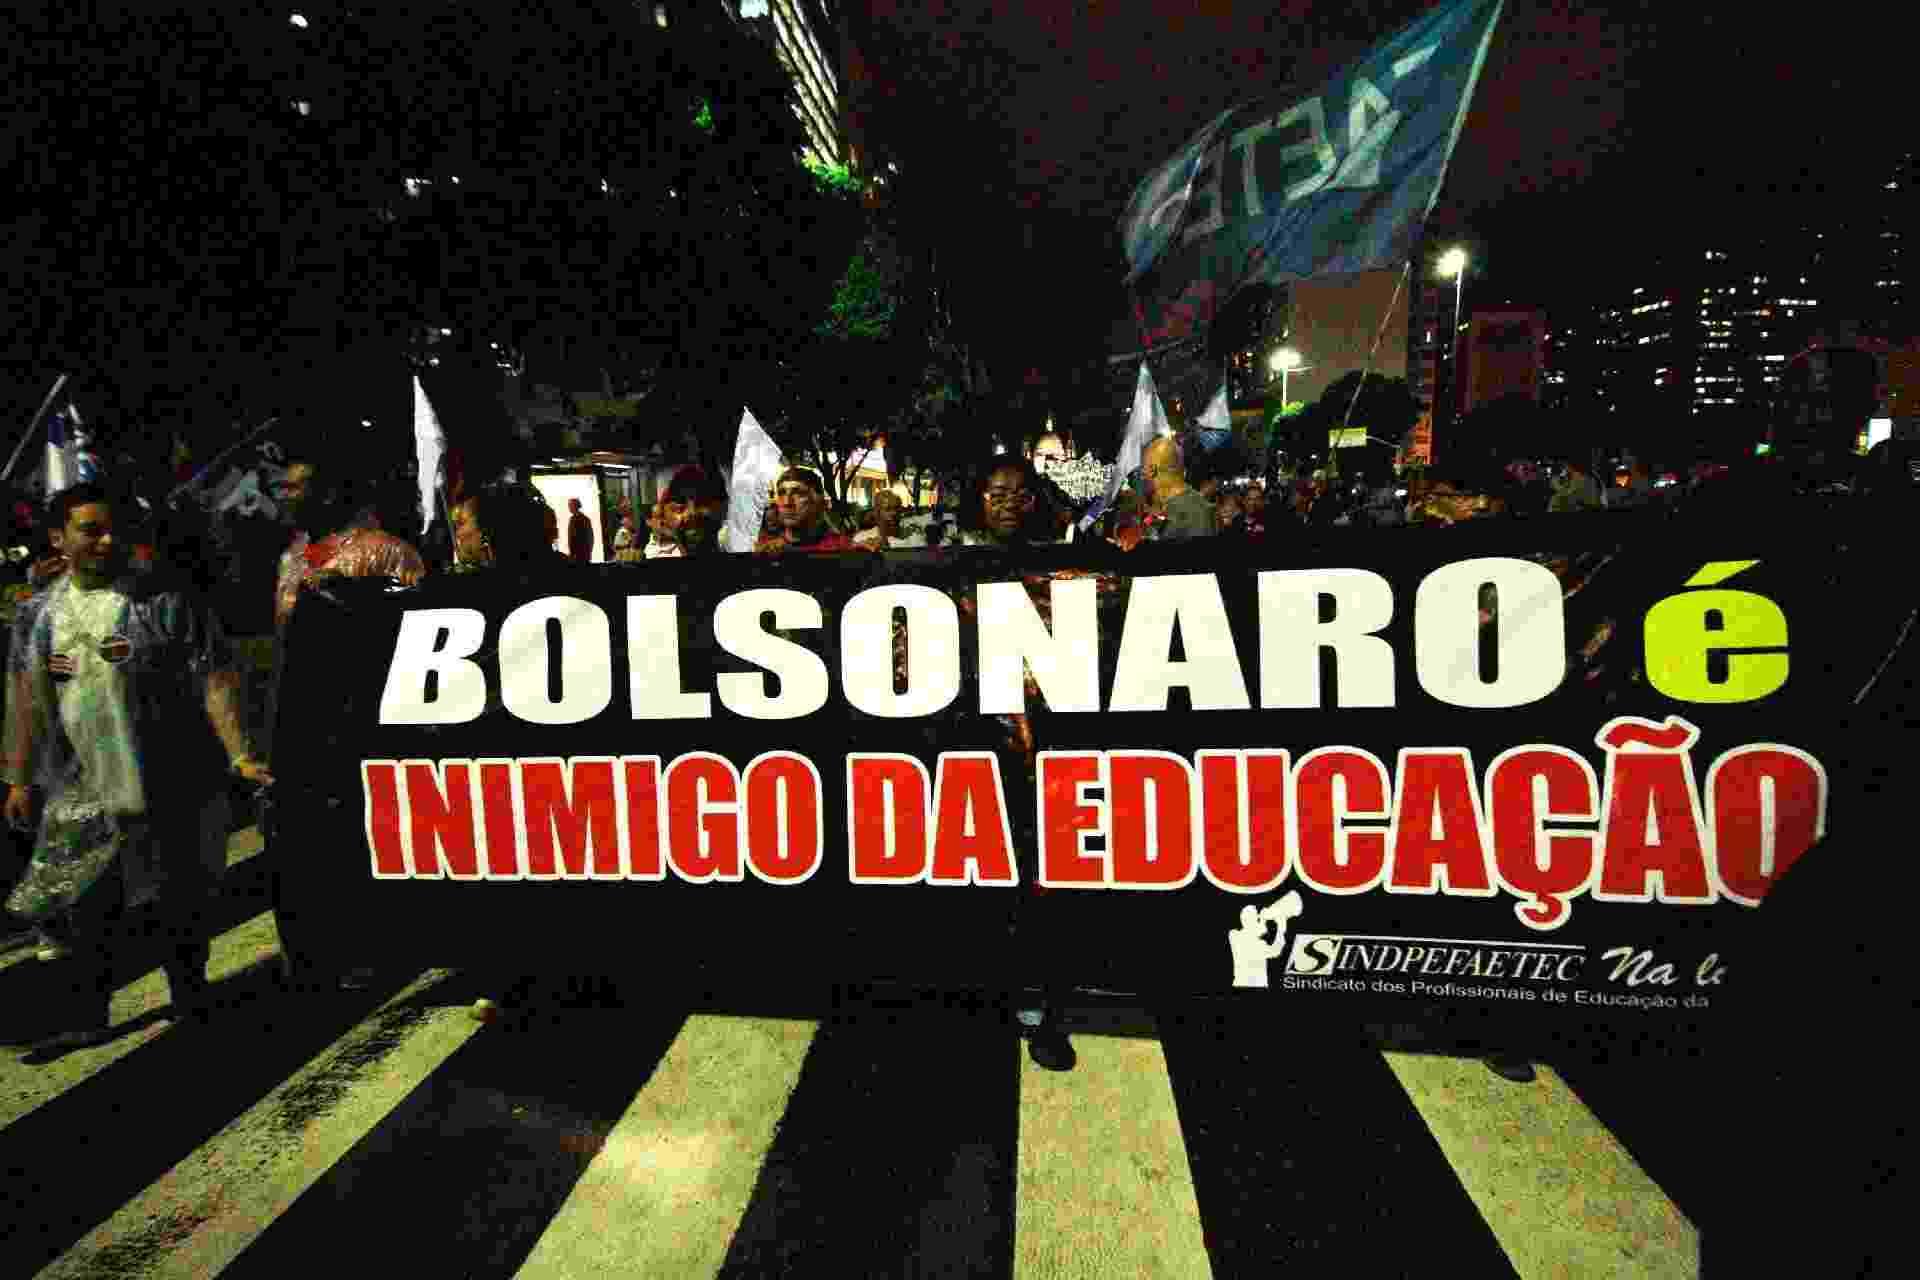 """15.maio.2019 - """"Bolsonaro é inimigo da educação"""", dizem manifestantes no Rio de Janeiro - Joe Lucena/Estadão Conteúdo"""